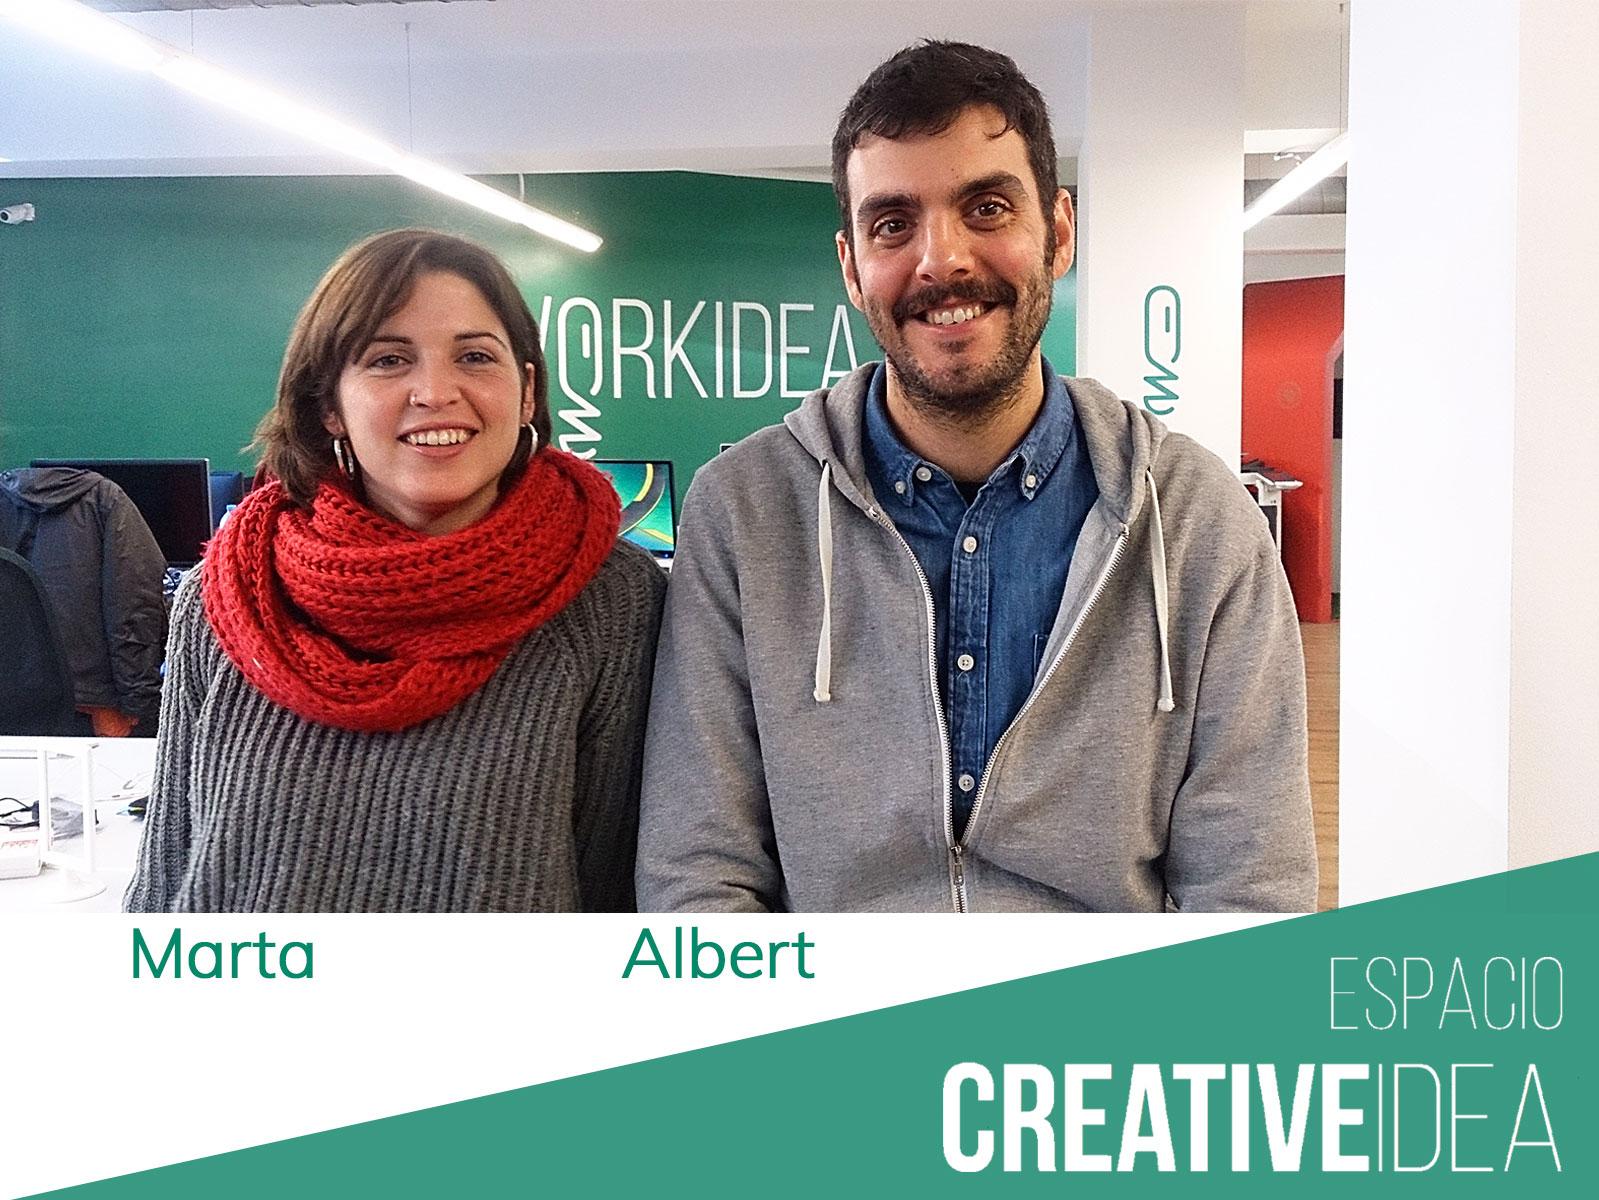 Nuestros coworkers Marta y Albert